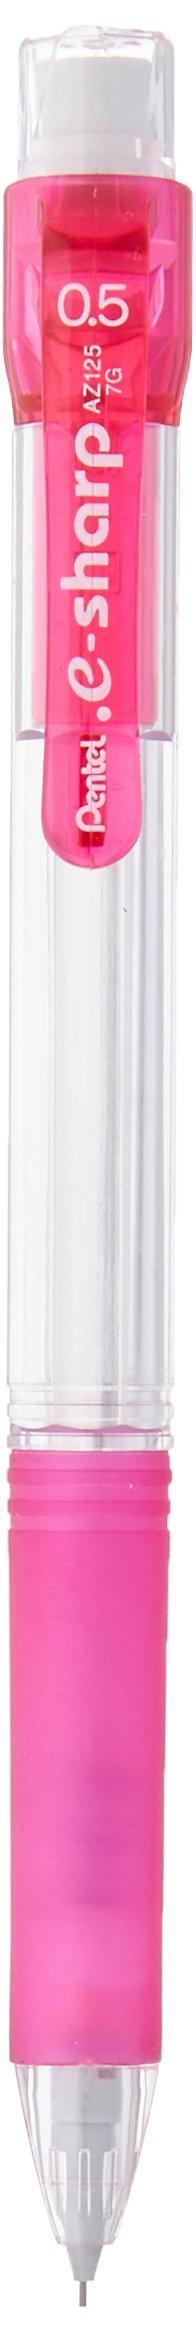 Pentel - Portaminas, e-sharp, 0,5 mm, color rosa (AZ125-P)